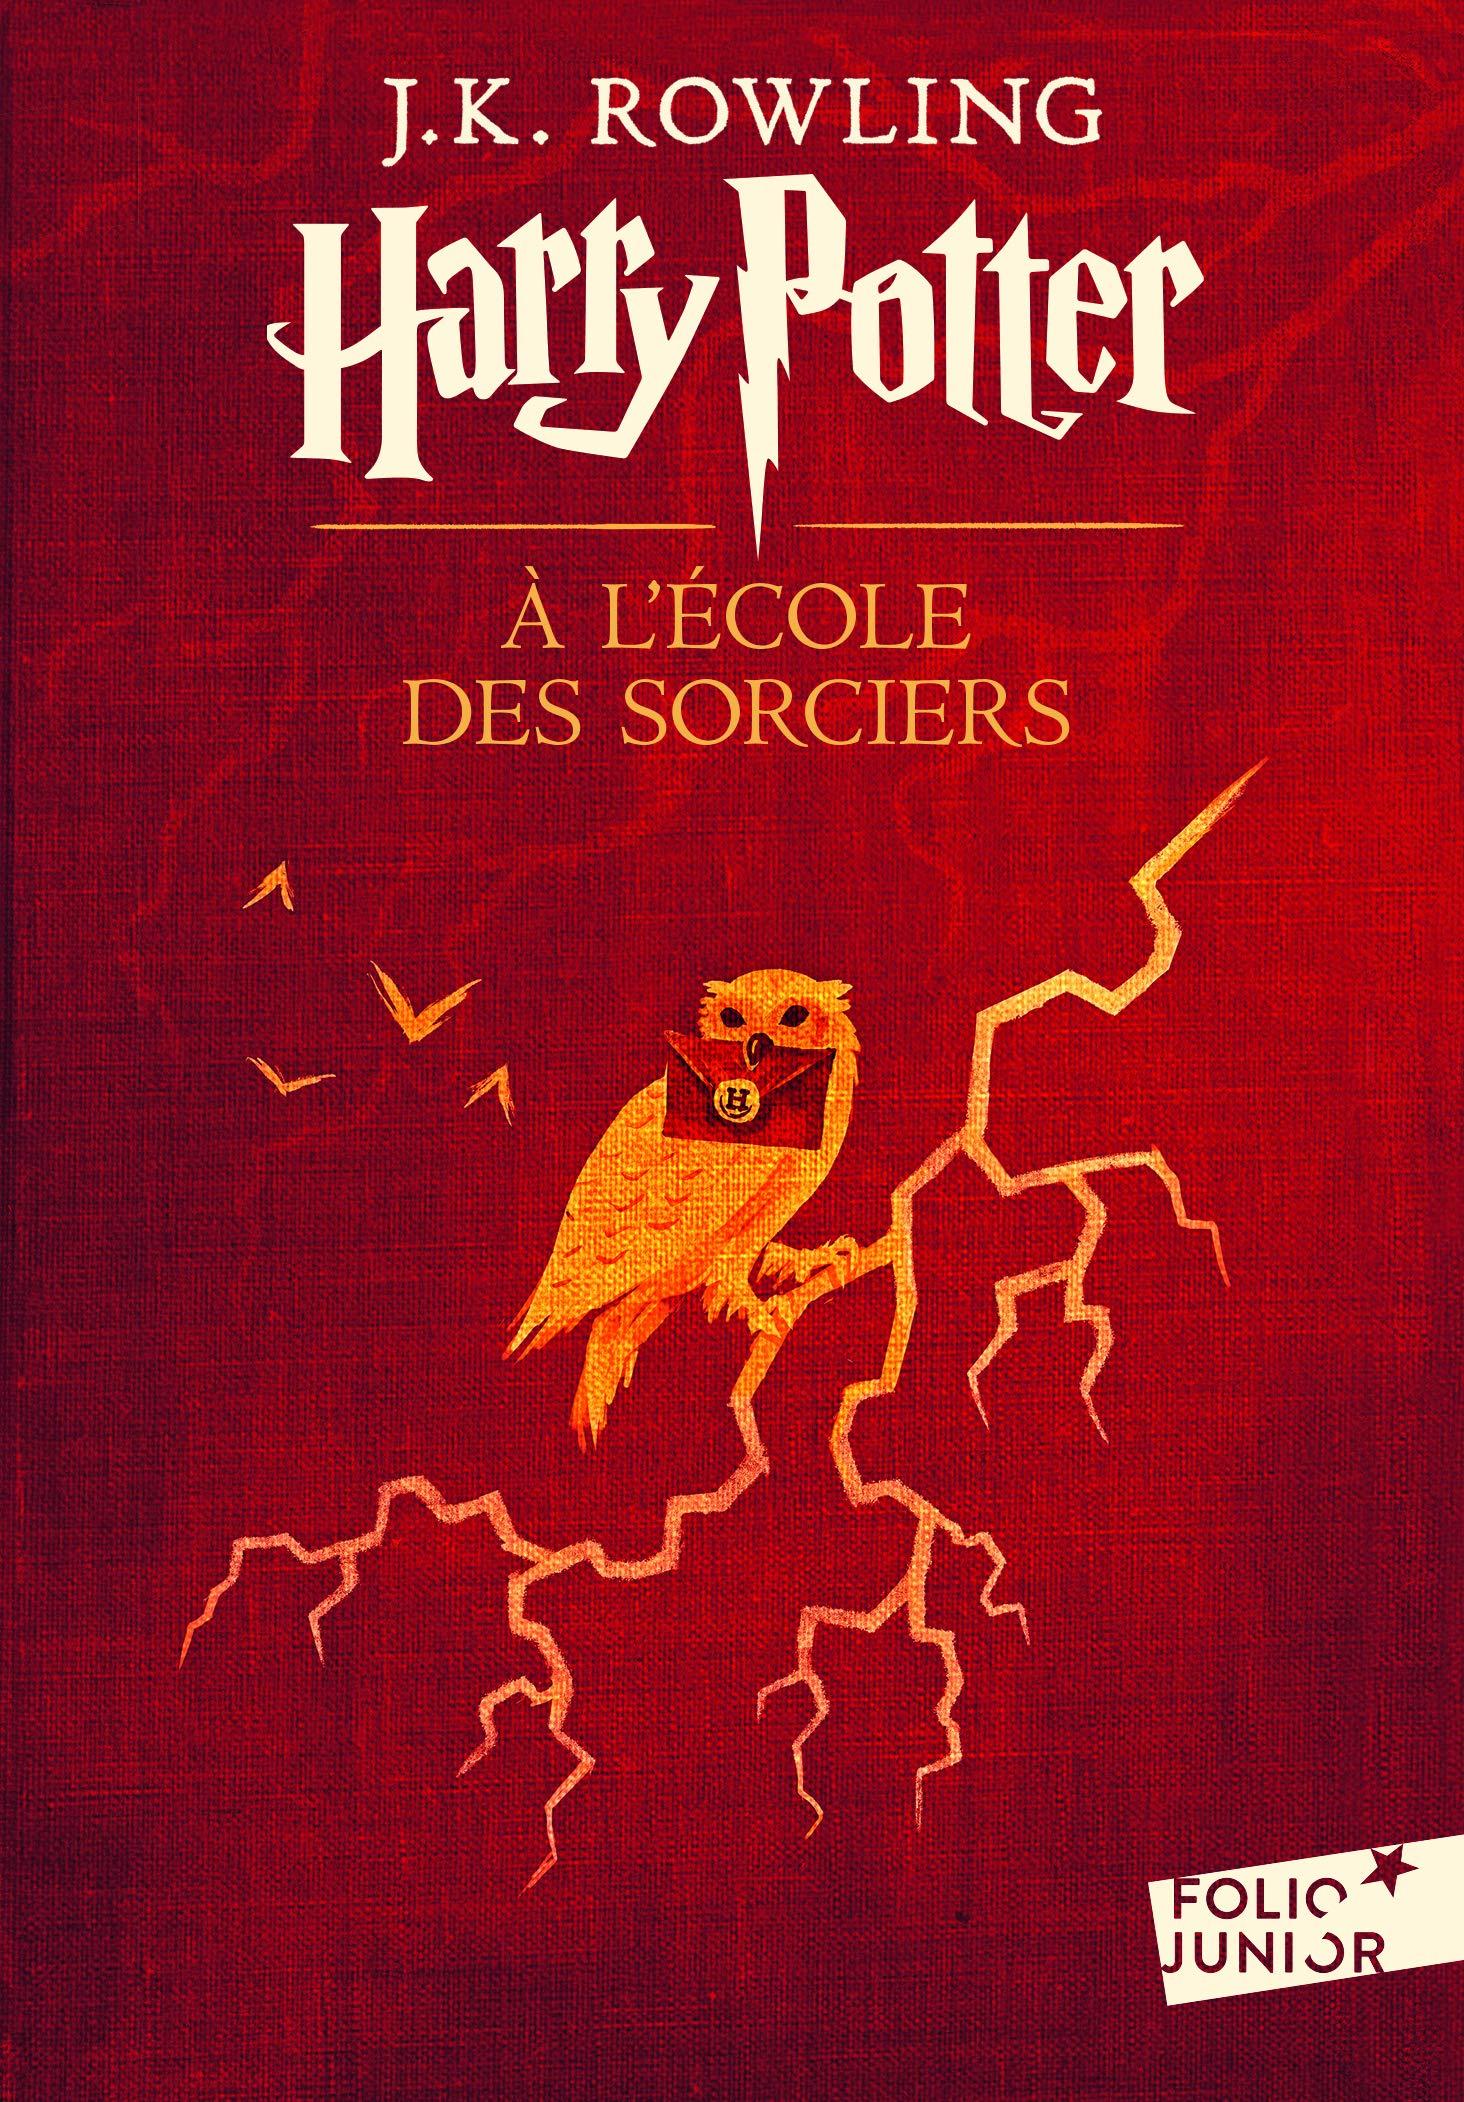 Harry Potter, I:Harry Potter à l'école des sorciers Poche – 12 octobre 2017 J. K. Rowling Jean-François Ménard Folio Junior 2070584623